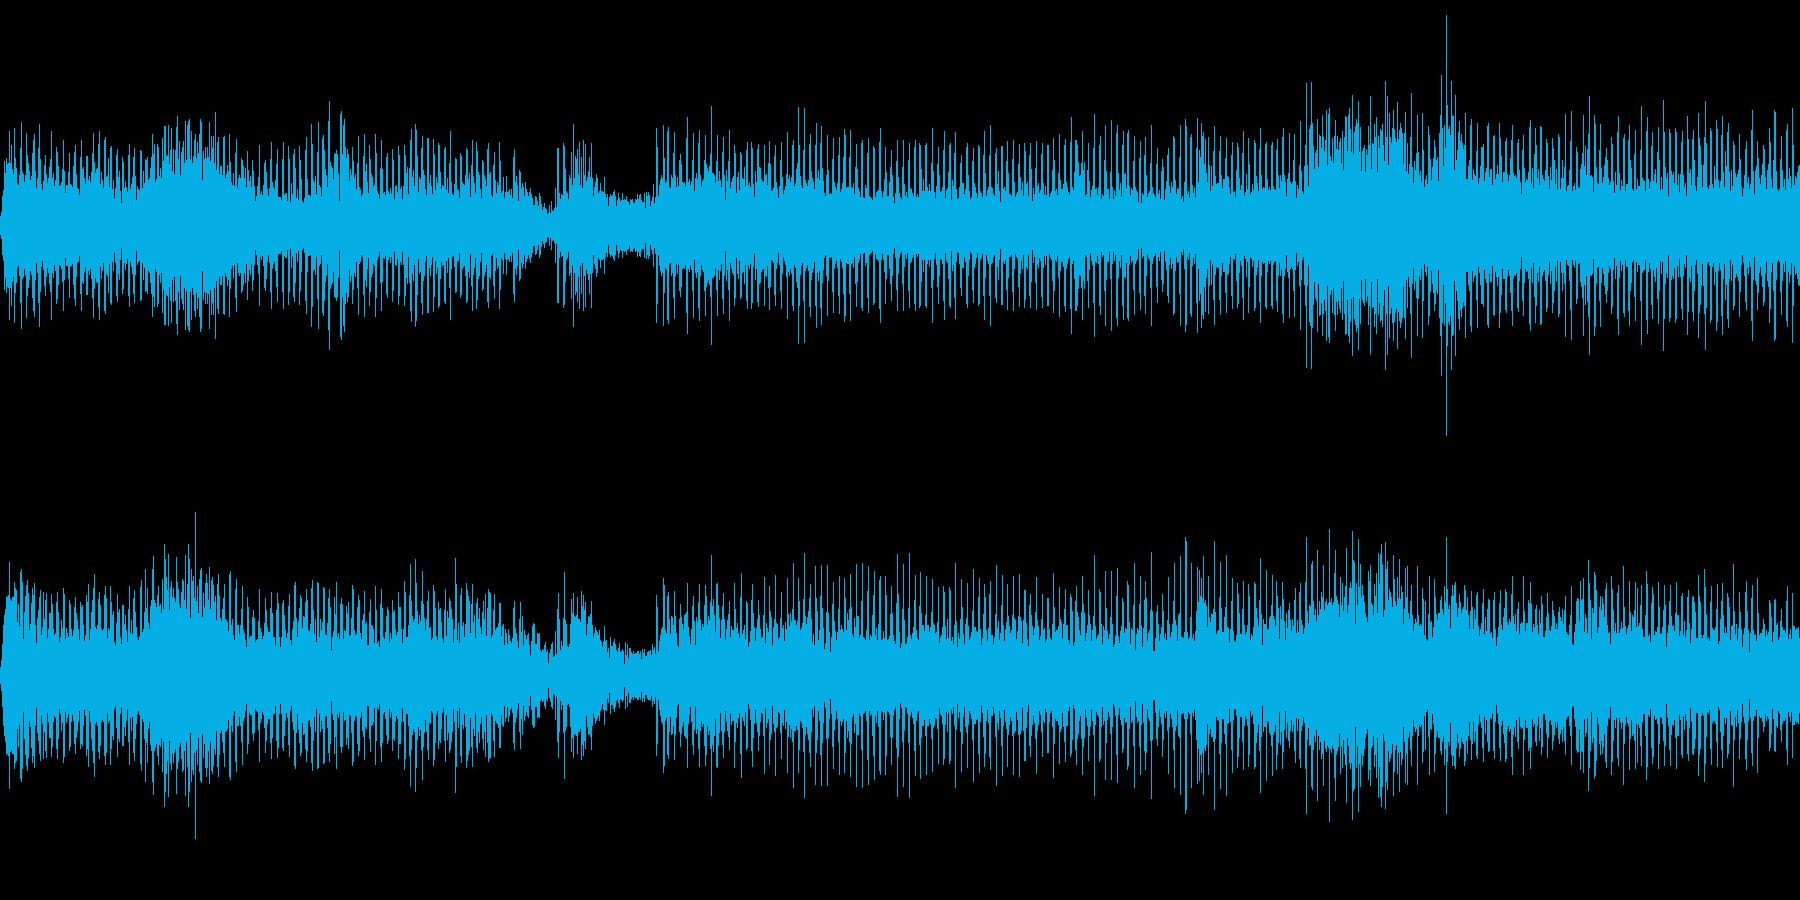 工事現場の機械音の再生済みの波形